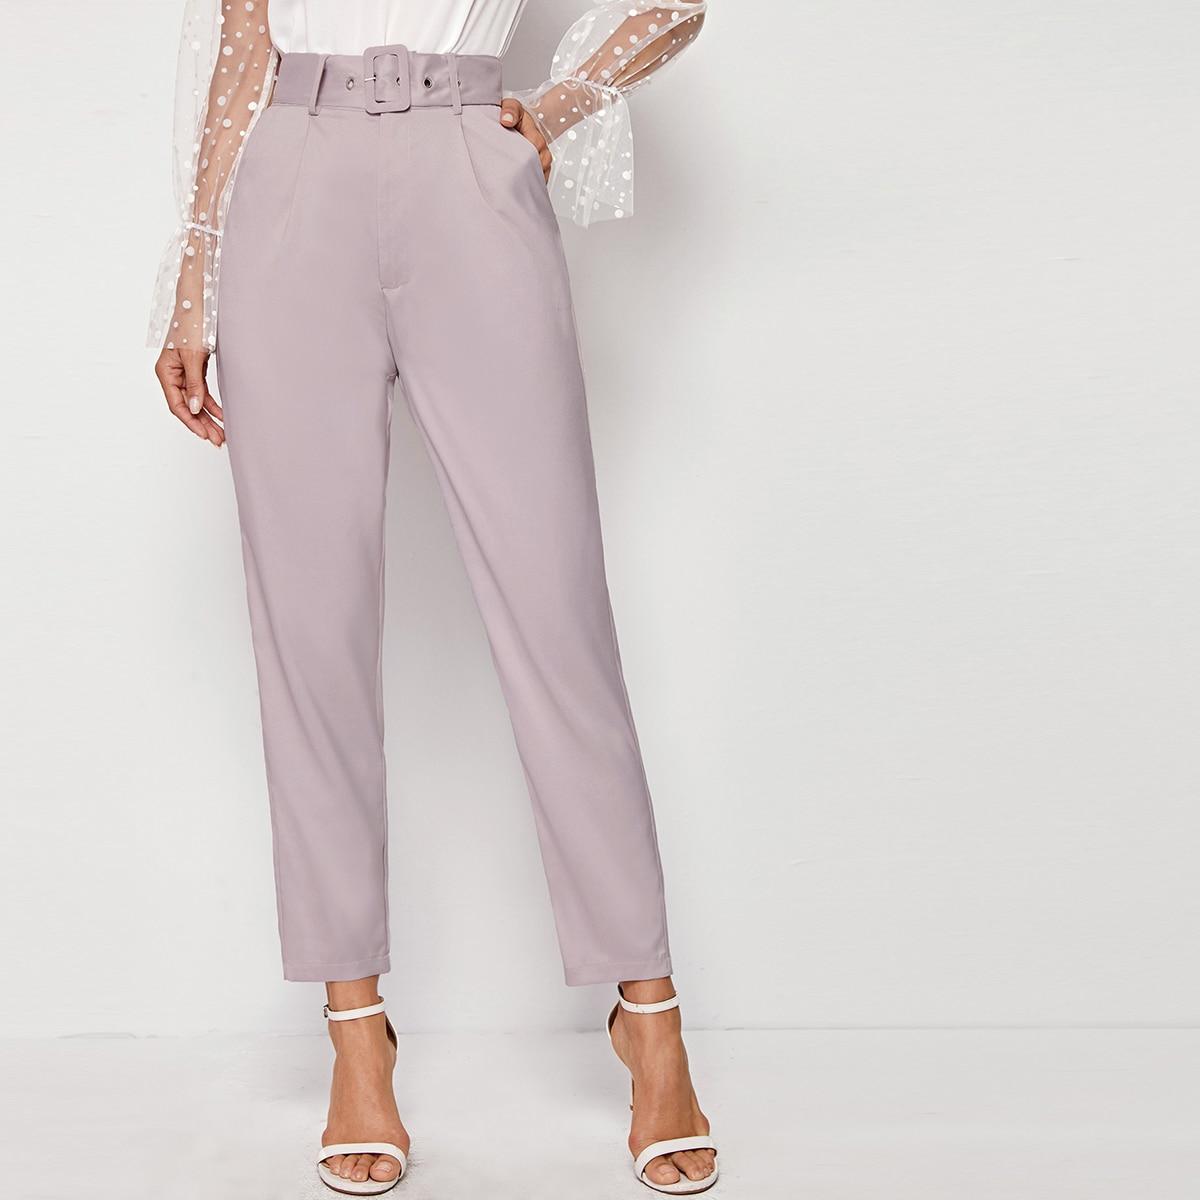 SHEIN / Pantalones cortos con cinturón ajustable